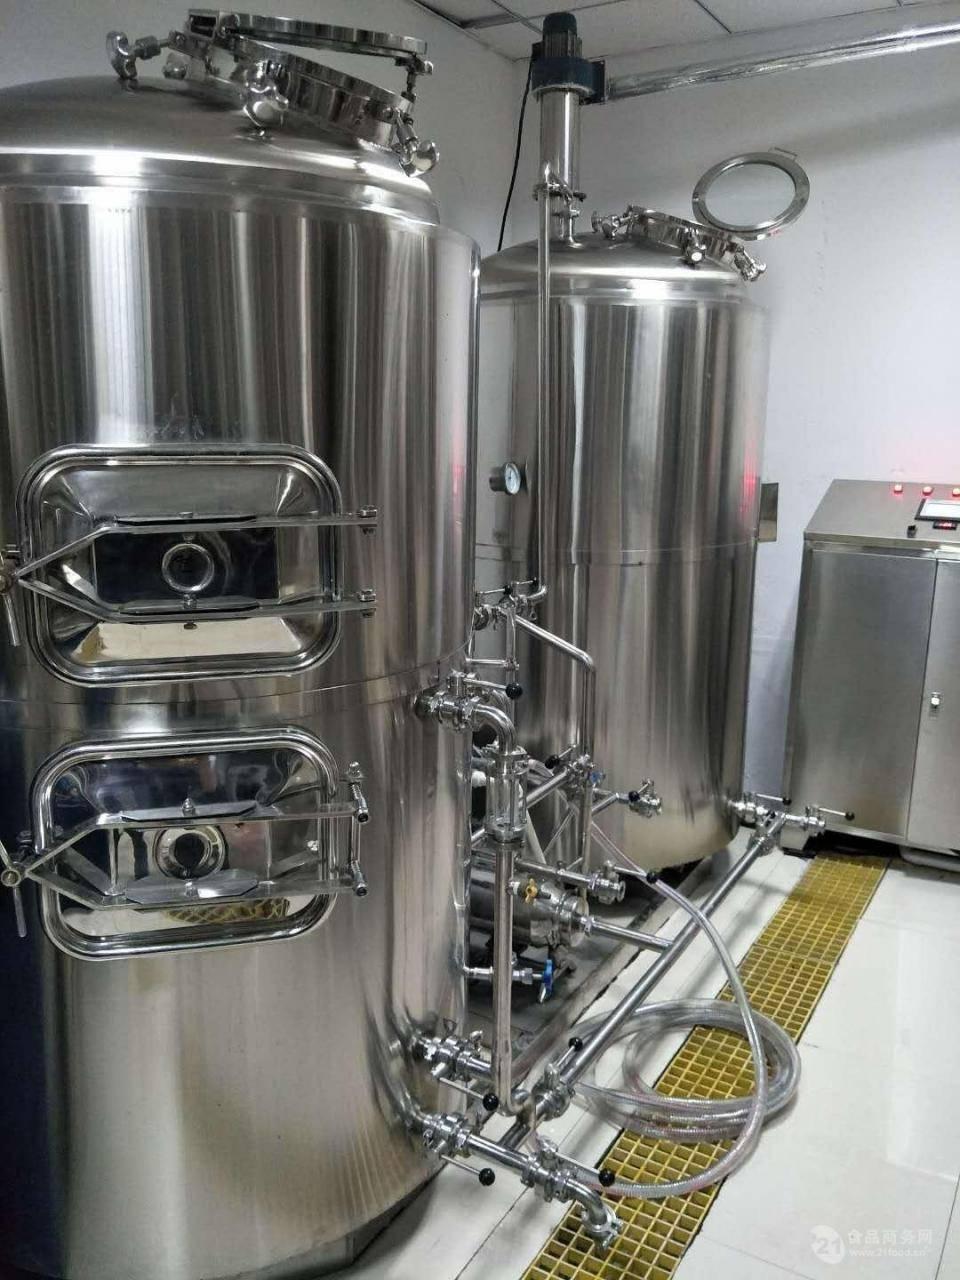 陕西正规精酿啤酒设备源头厂家-哪种精酿啤酒设备更好?你能给我介绍一个参-大麦丫-精酿啤酒连锁超市,工厂店平价酒吧免费加盟